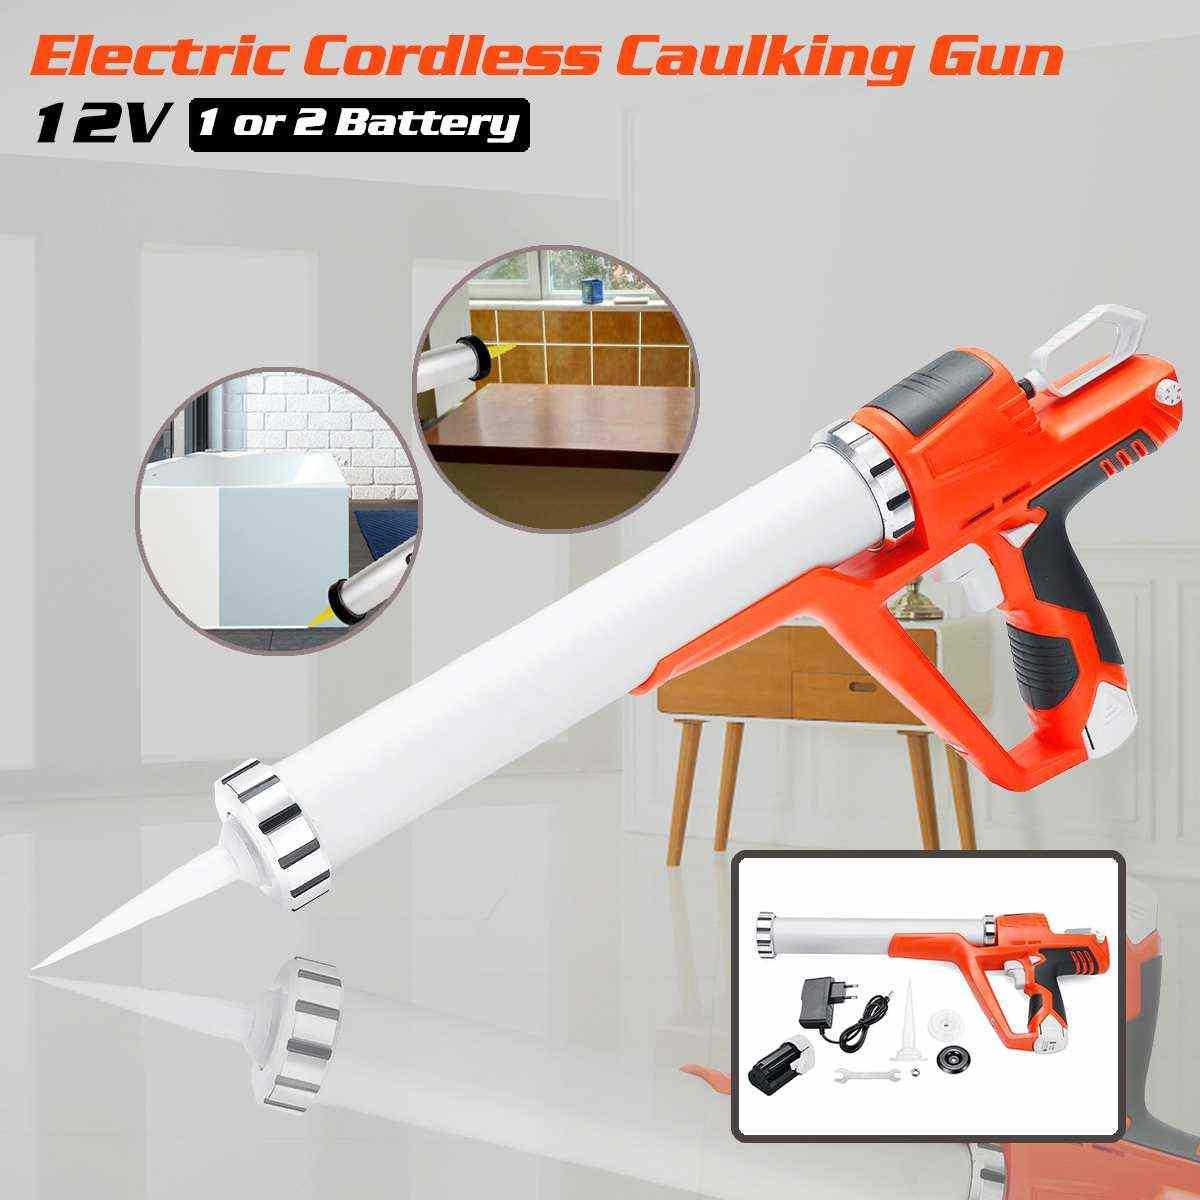 New Home DIY Elektrische Akkupistole Pistolen Mit 1.5AH 2 Li-Batterien 12 V Max Handheld Glas Fest Gummi dichtstoff Pistolen Werkzeuge Kit